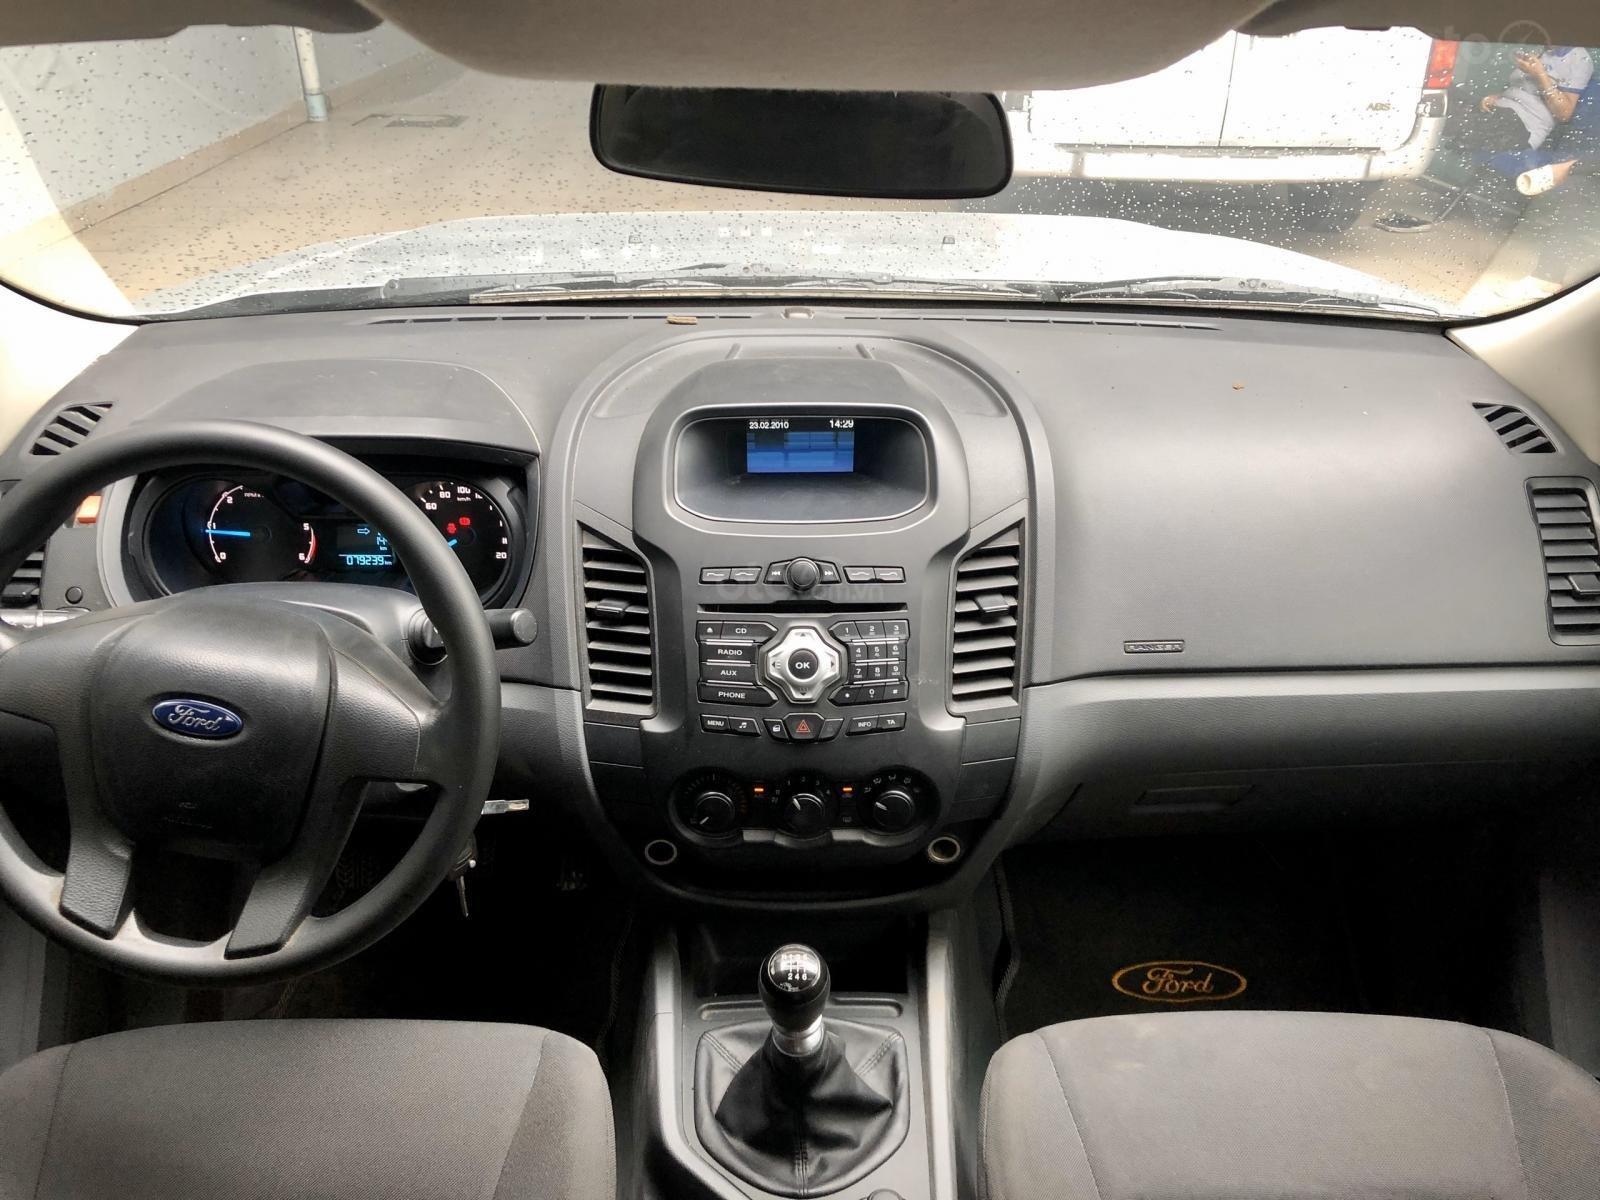 Bán Ford Ranger XL 2.2L MT 4x4 năm 2014, xe đẹp giá tốt xe bán tại hãng (10)